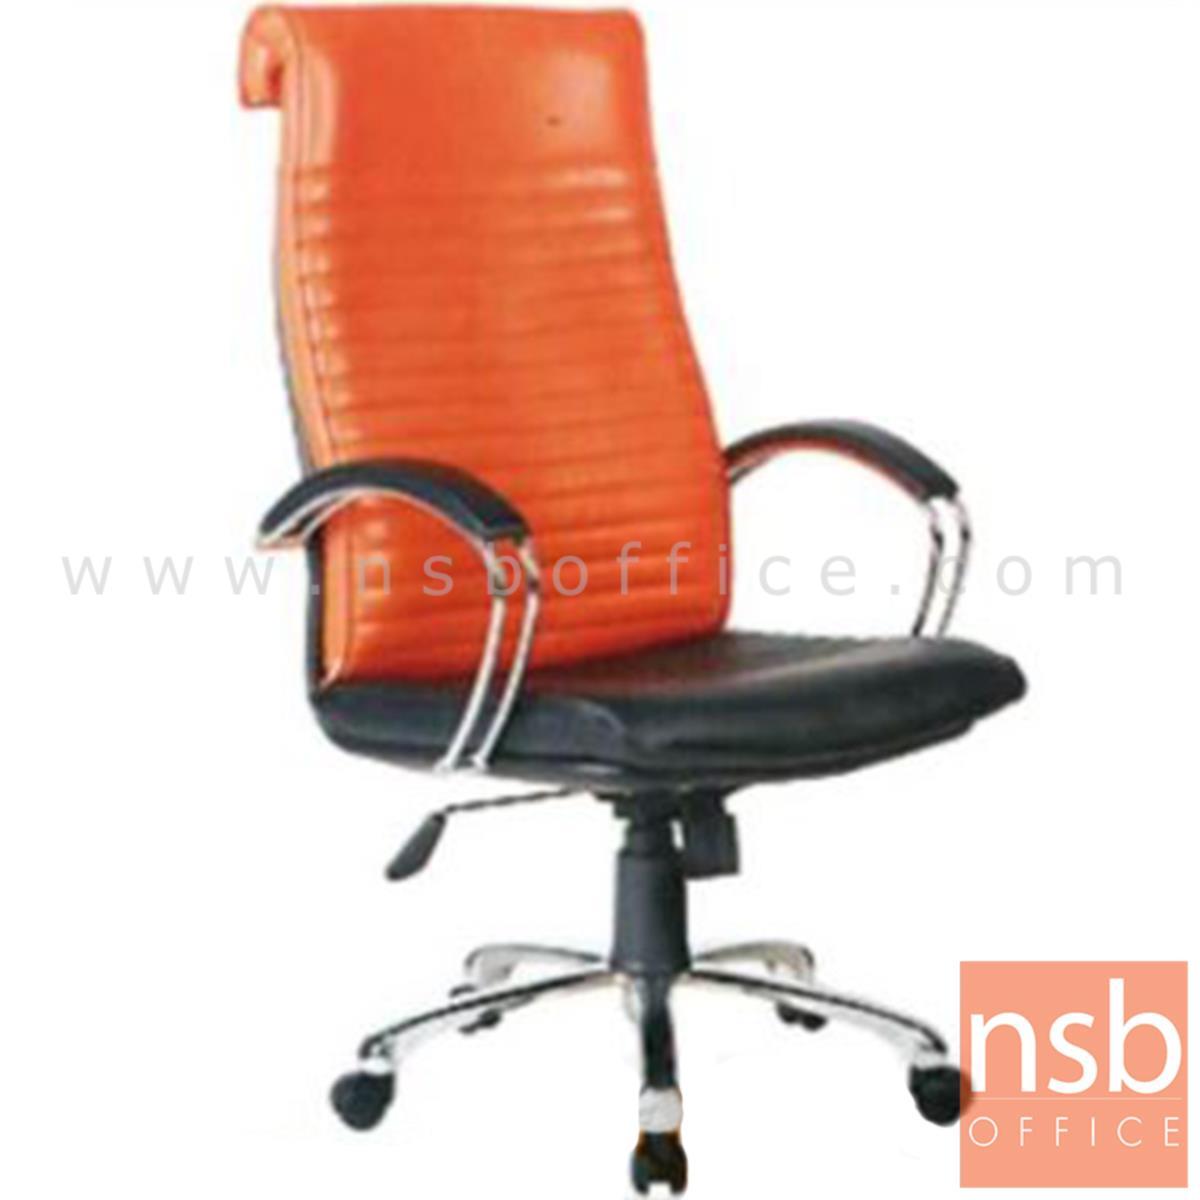 B01A329:เก้าอี้ผู้บริหาร รุ่น Marlenis (มาร์เลนิส)  โช๊คแก๊ส มีก้อนโยก ขาเหล็กชุบโครเมี่ยม